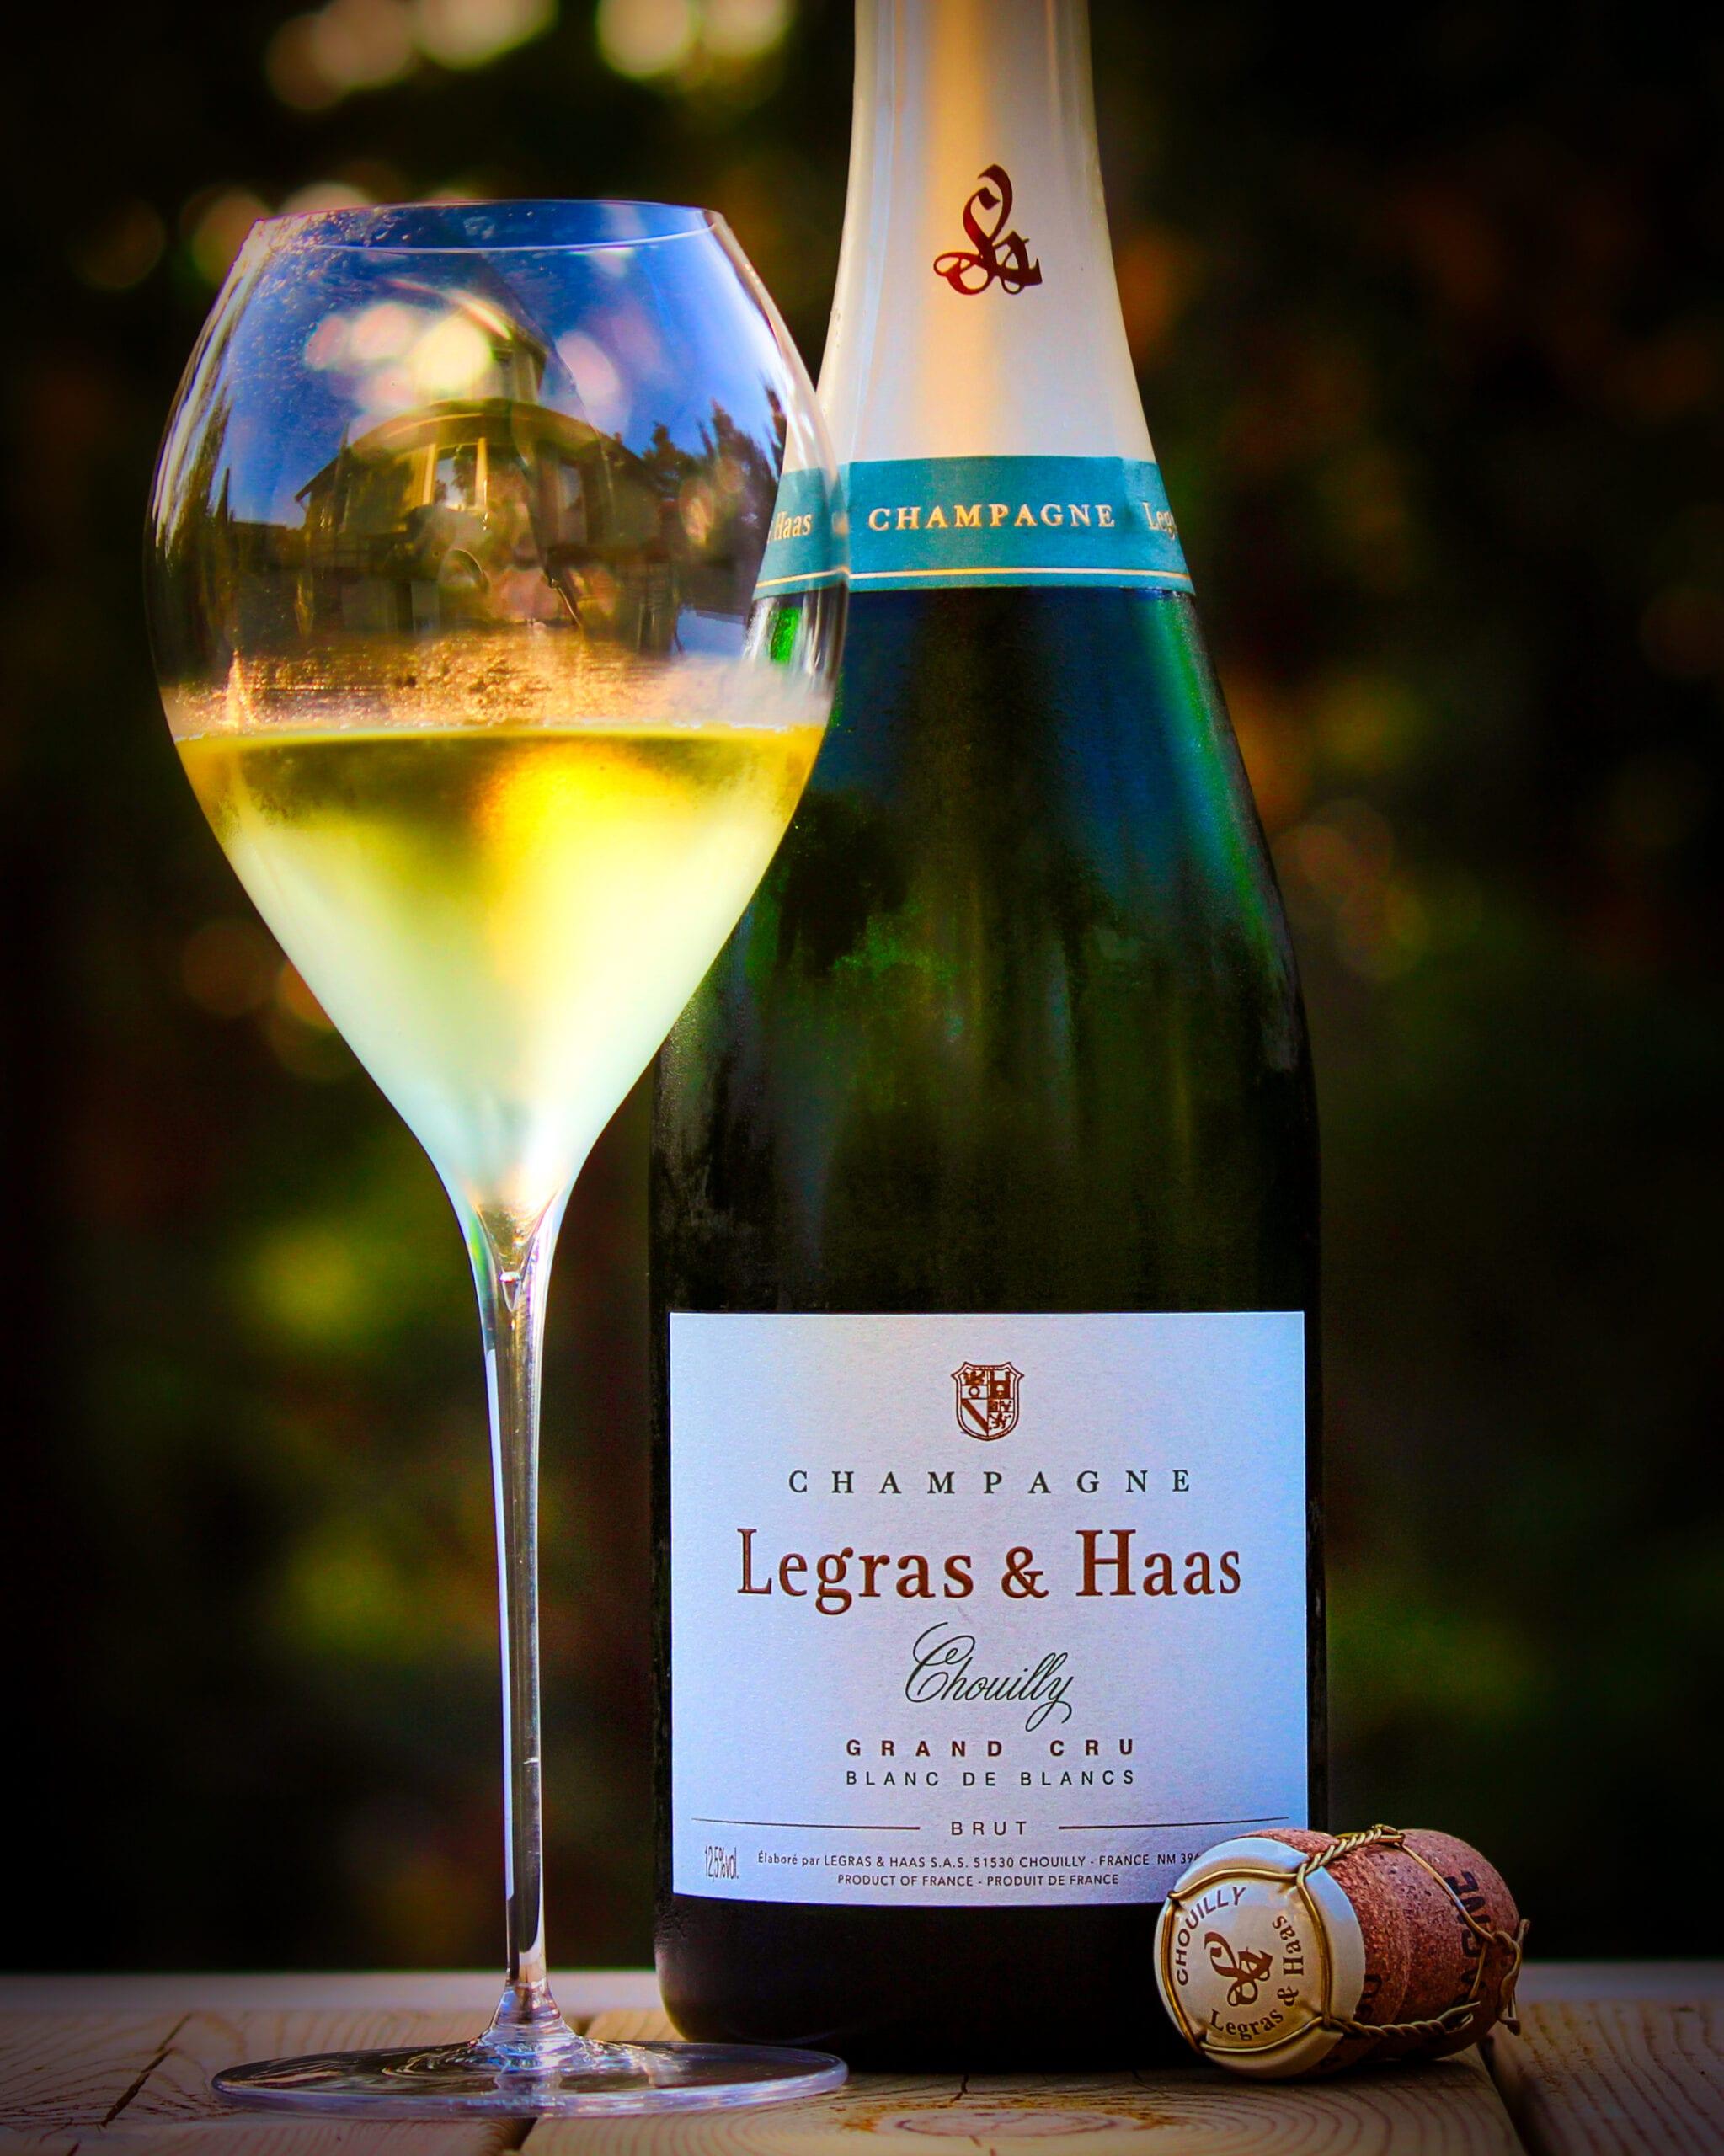 Legras & Haas Blanc de Blancs Grand Cru